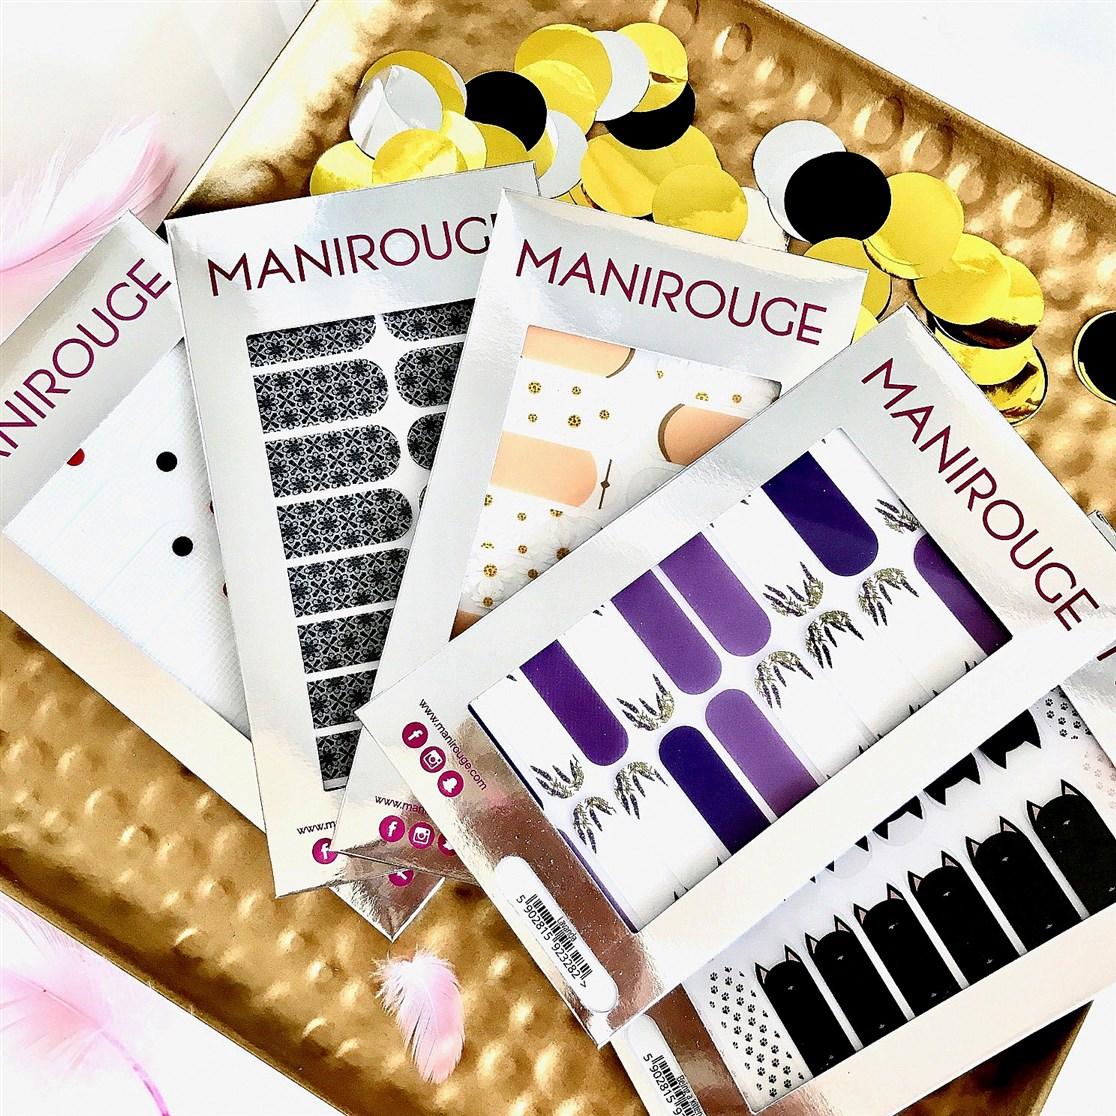 zdjęcie nowych wzorów Manirouge